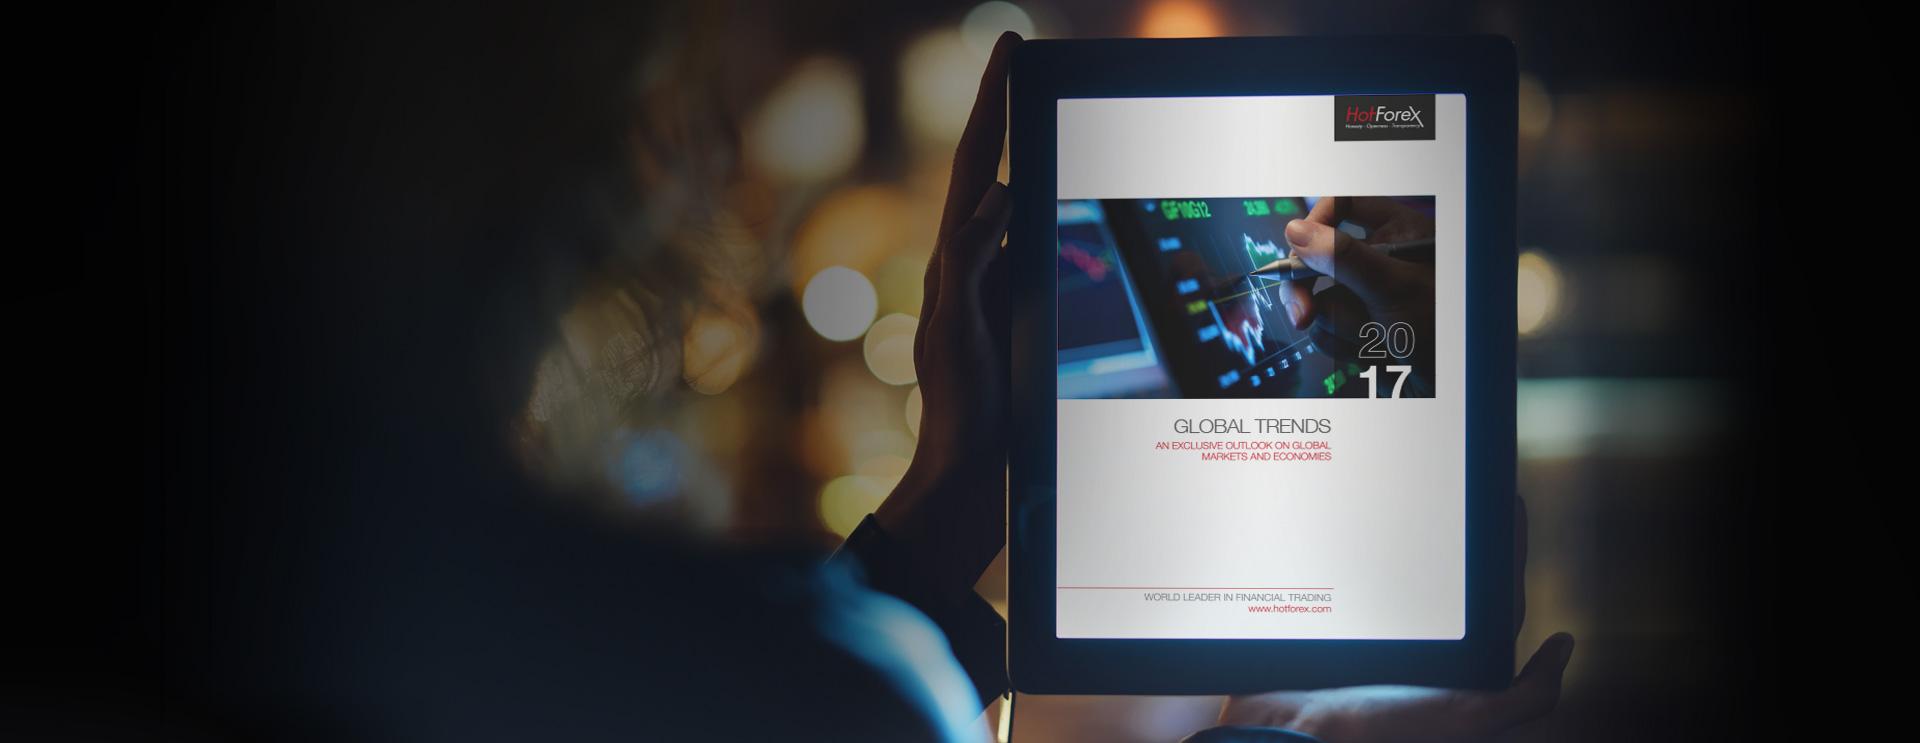 Tổng hợp tin tức, sản phẩm mới nhất của Sàn HotForex uy tín nhất Châu Á - Page 3 Global-trends17-main-pic